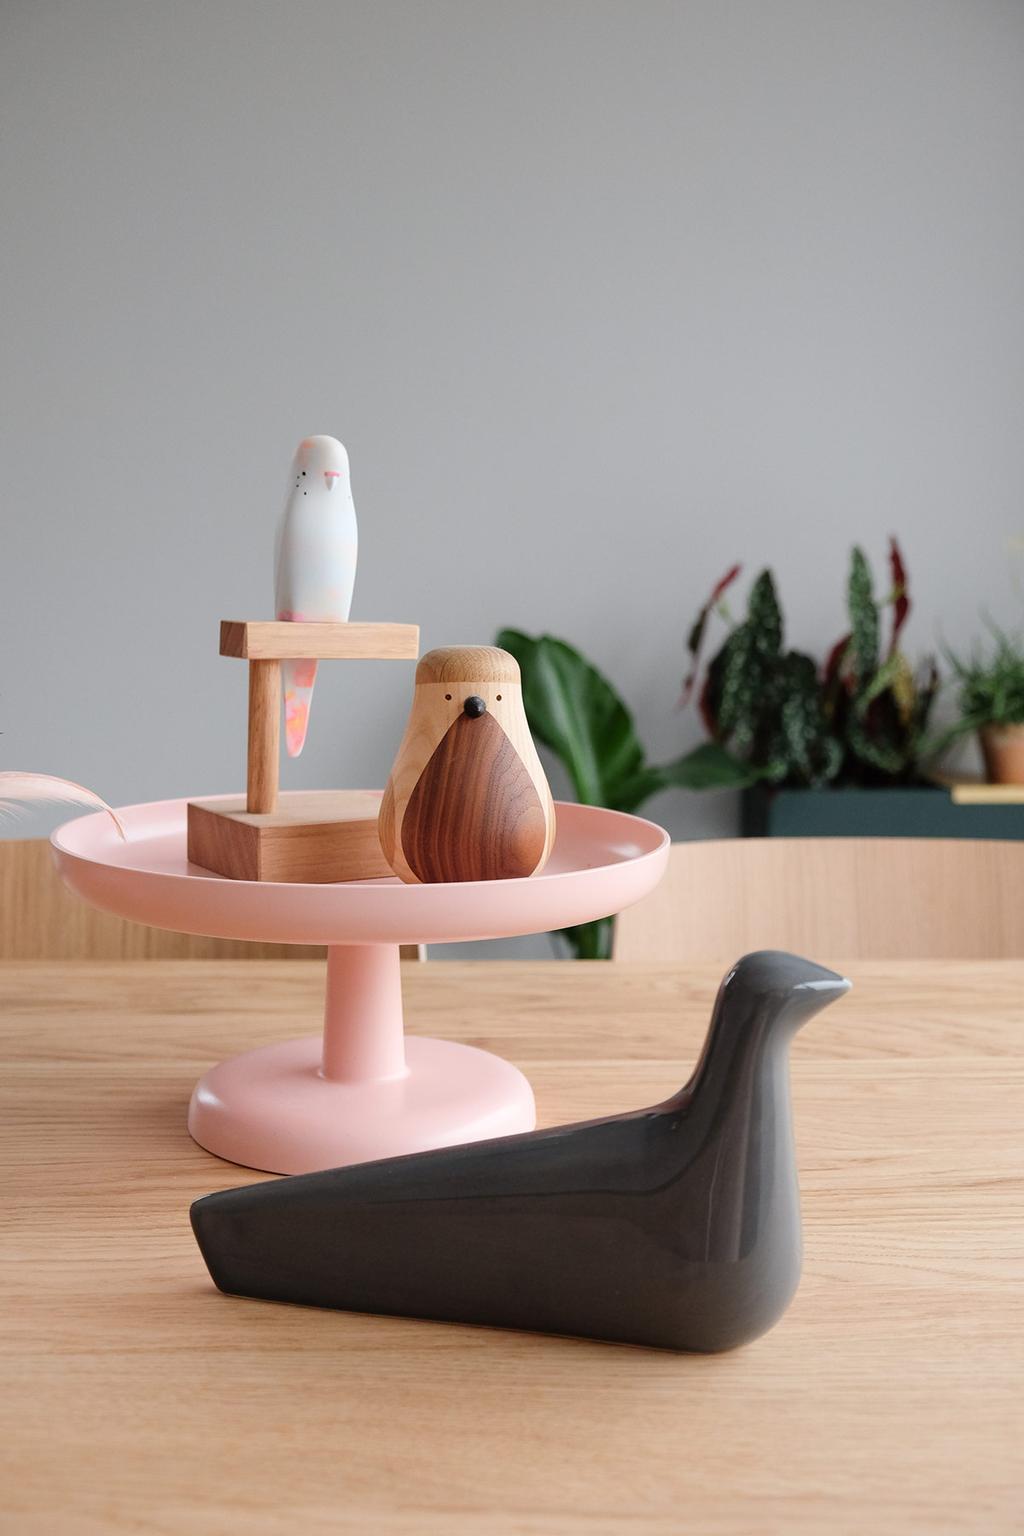 Designvogels van Vitra, Lars Beller Fjetland en Pete Crome op tafelb bij PRCHTG